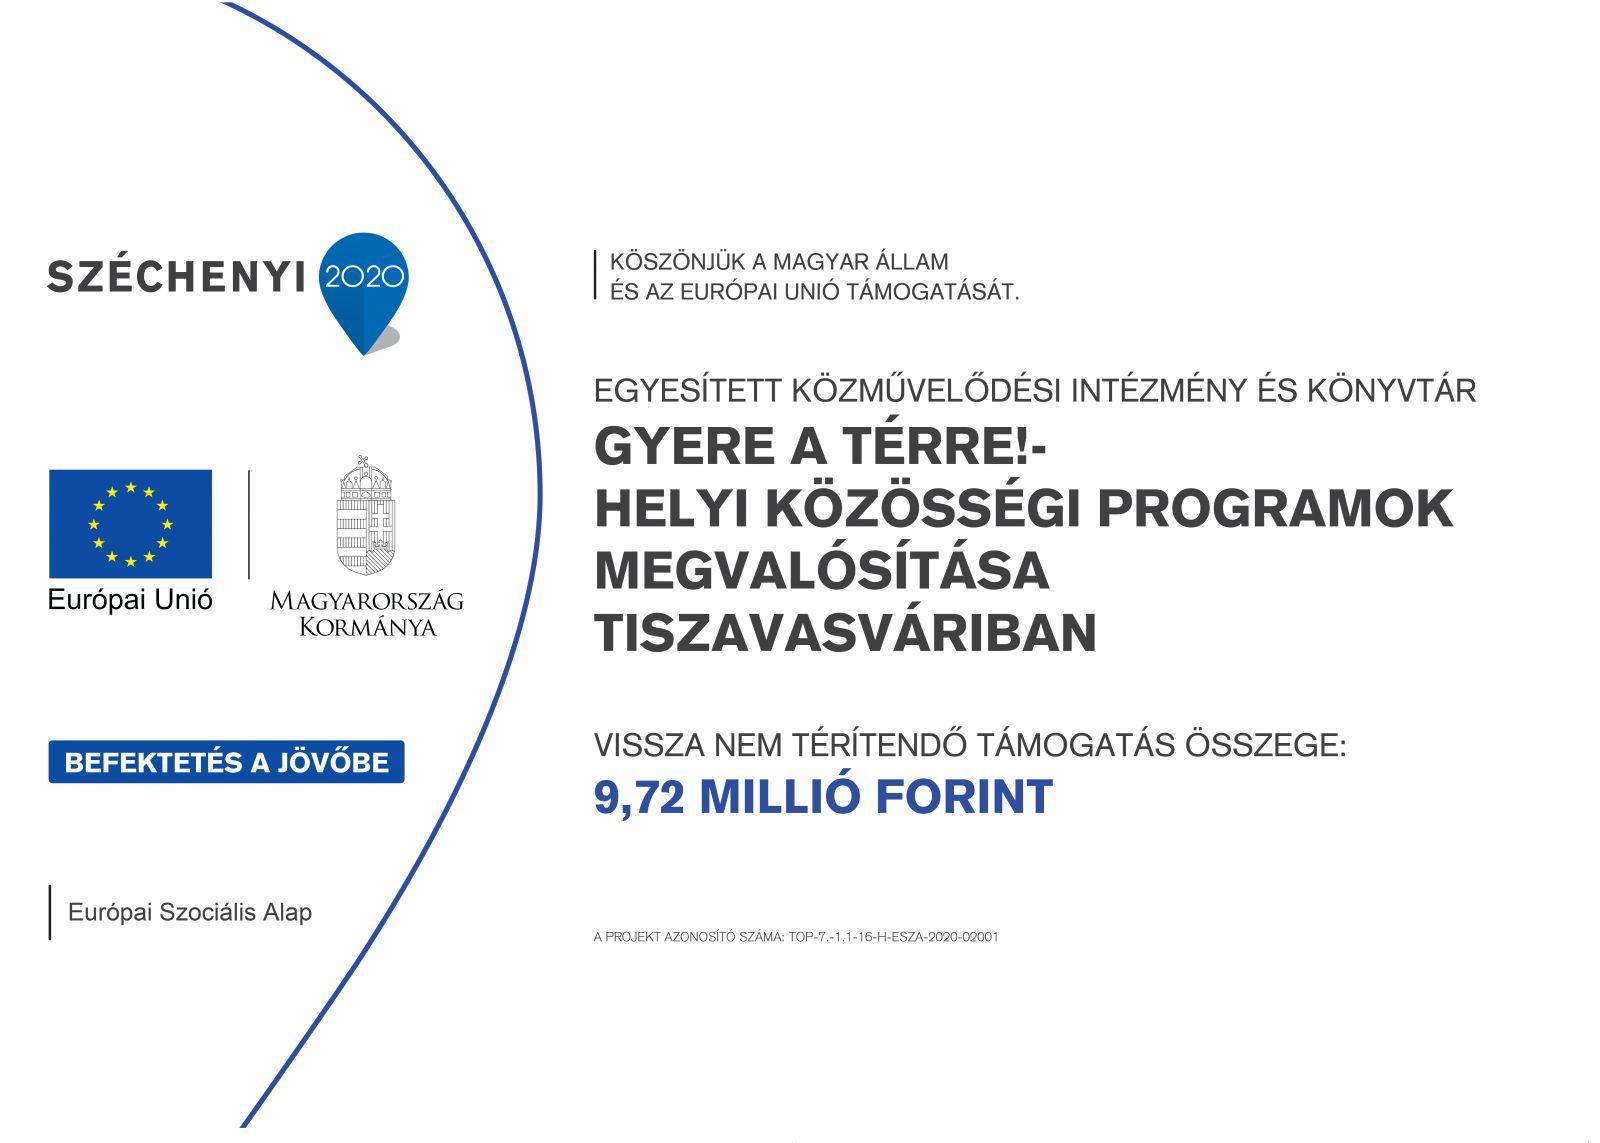 Gyere a térre!-Helyi közösségi programok megvalósítása Tiszavasváriban